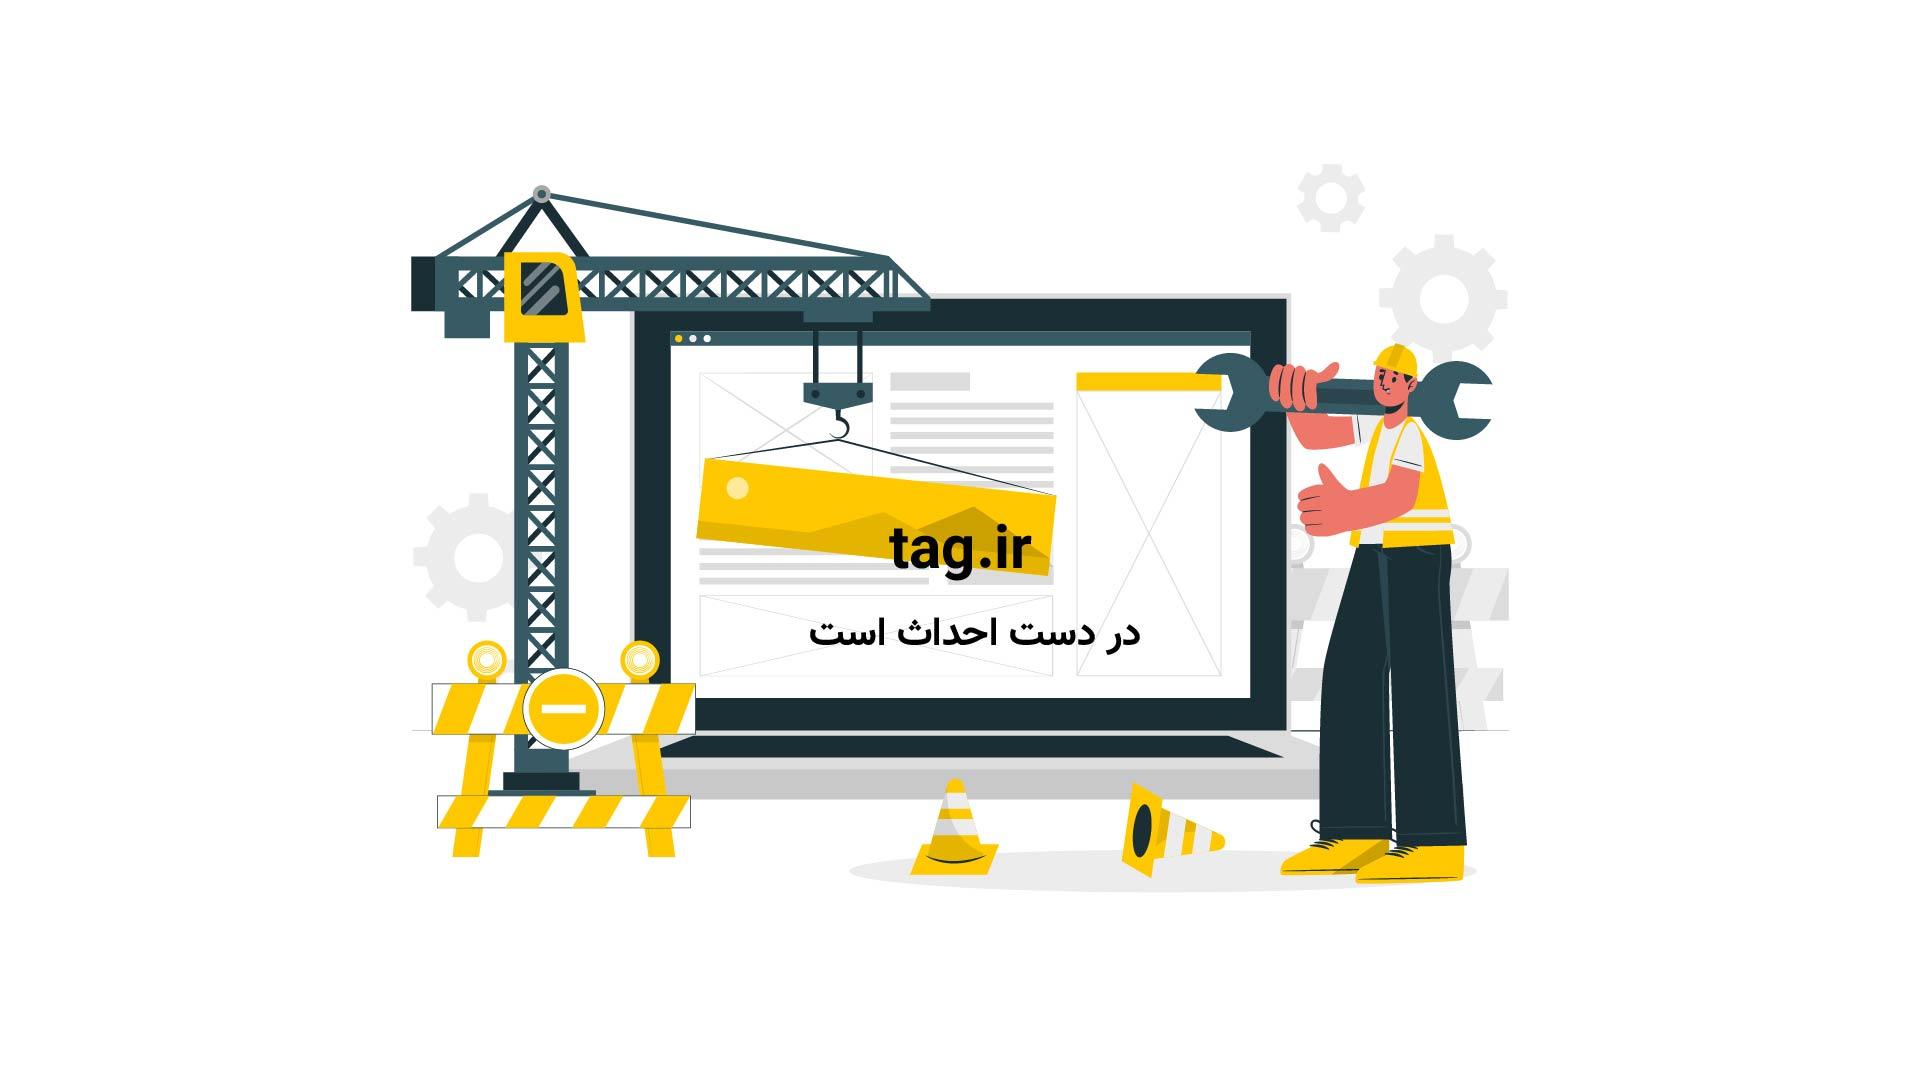 پارکینگ مکانیزه فرودگاه ابوظبی | فیلم